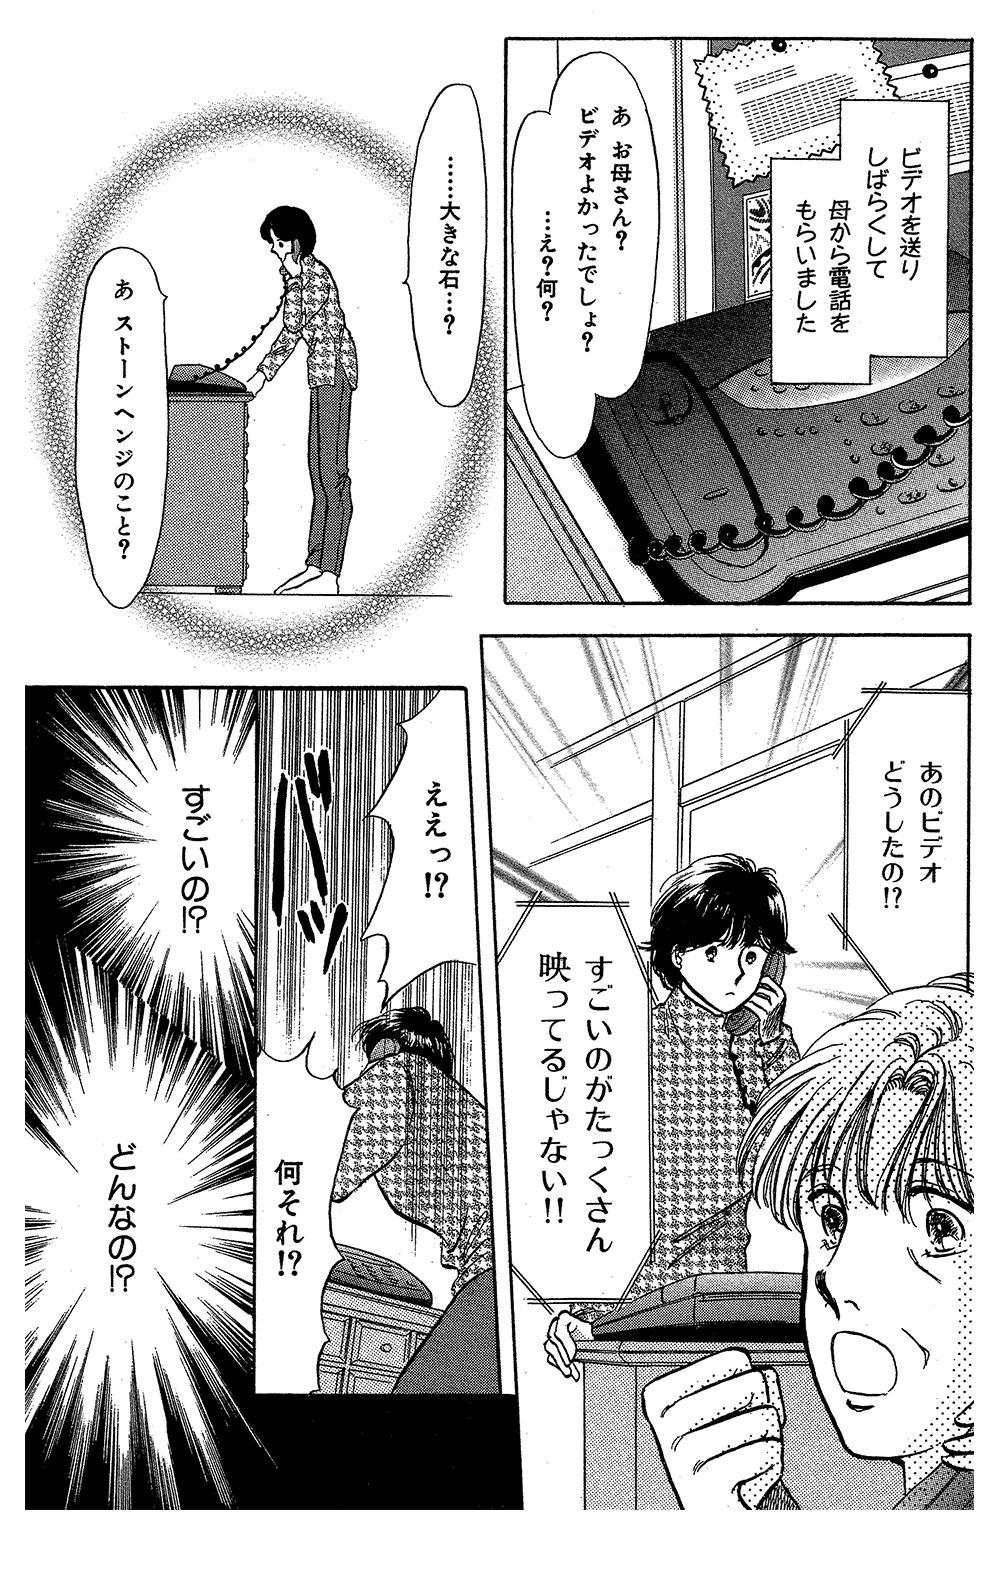 霊感ママシリーズ 第3話「英国ミステリーツアー」③reikanmama-02-90.jpg